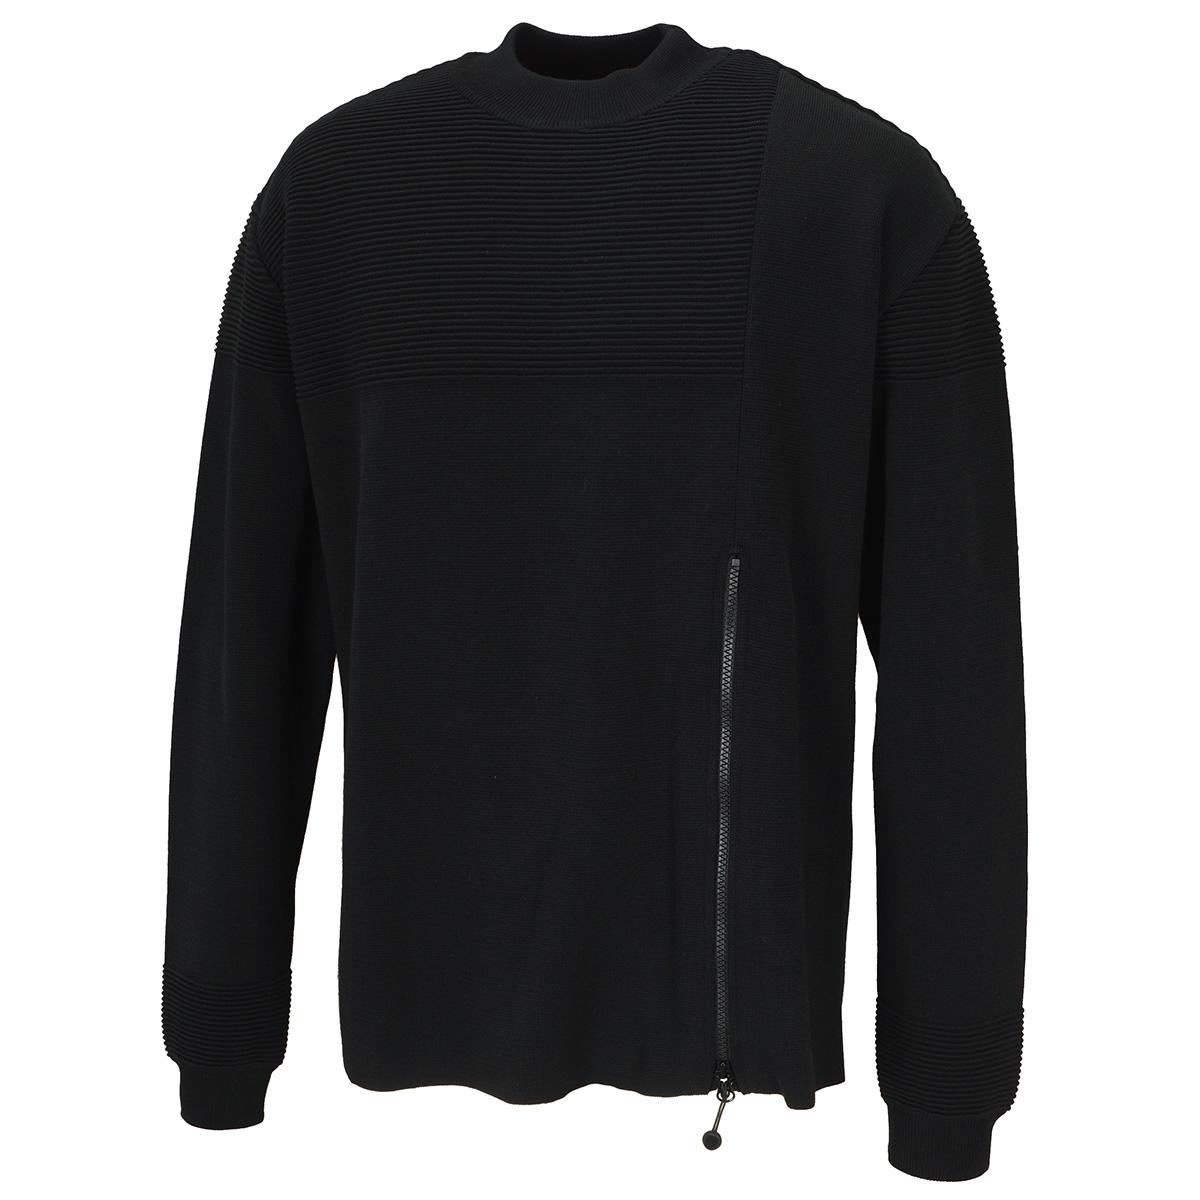 ミラノリブ クルーネックセーター